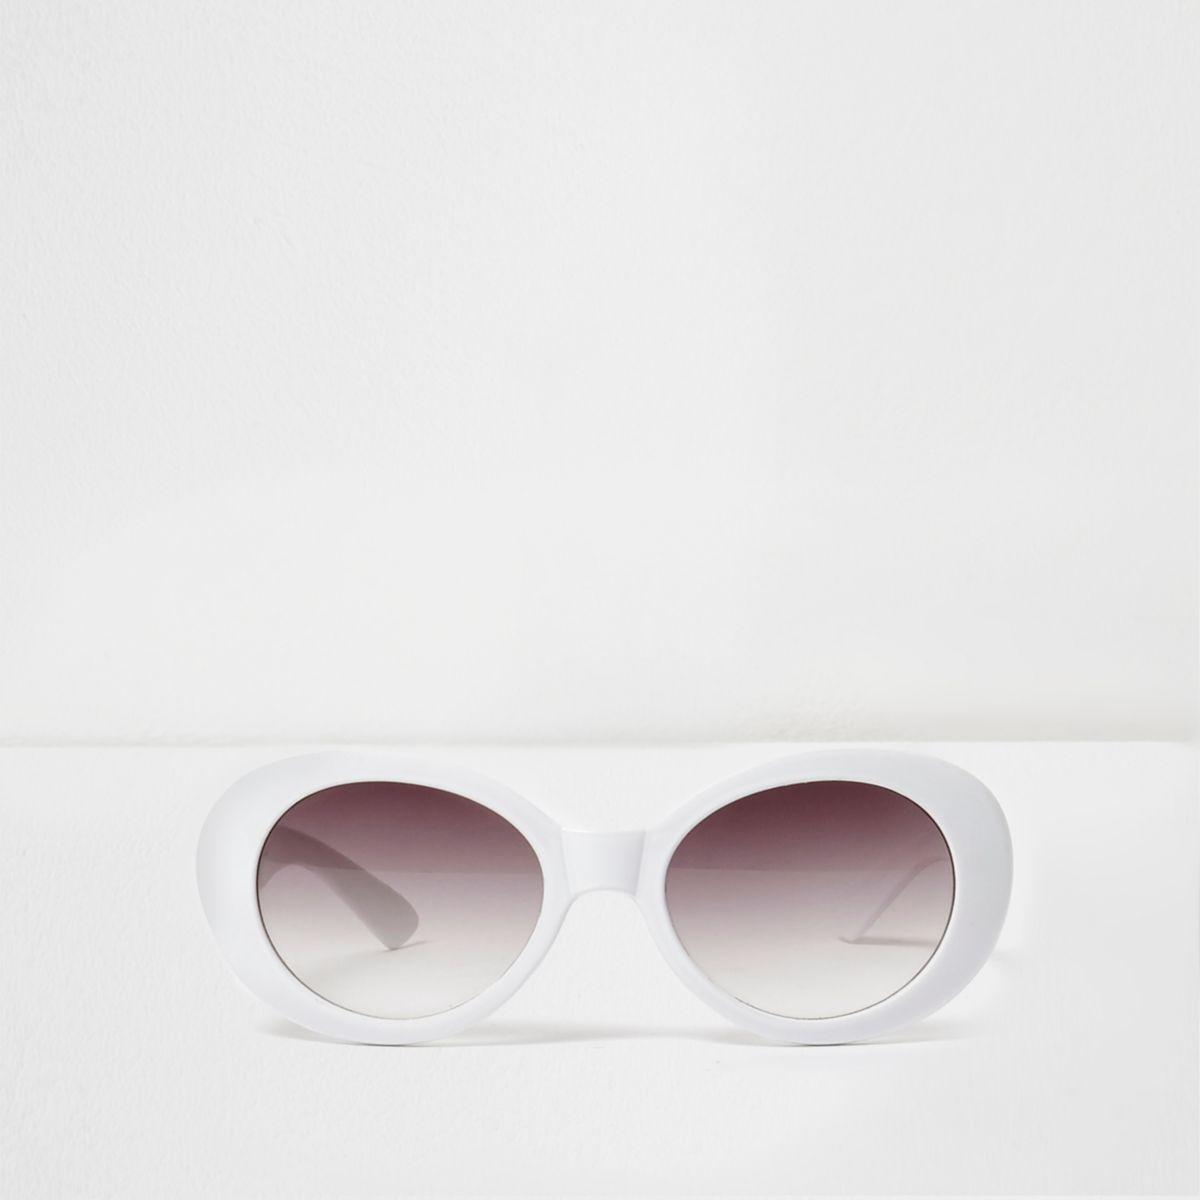 Lunettes de soleil blanches rétro ovales pour fille